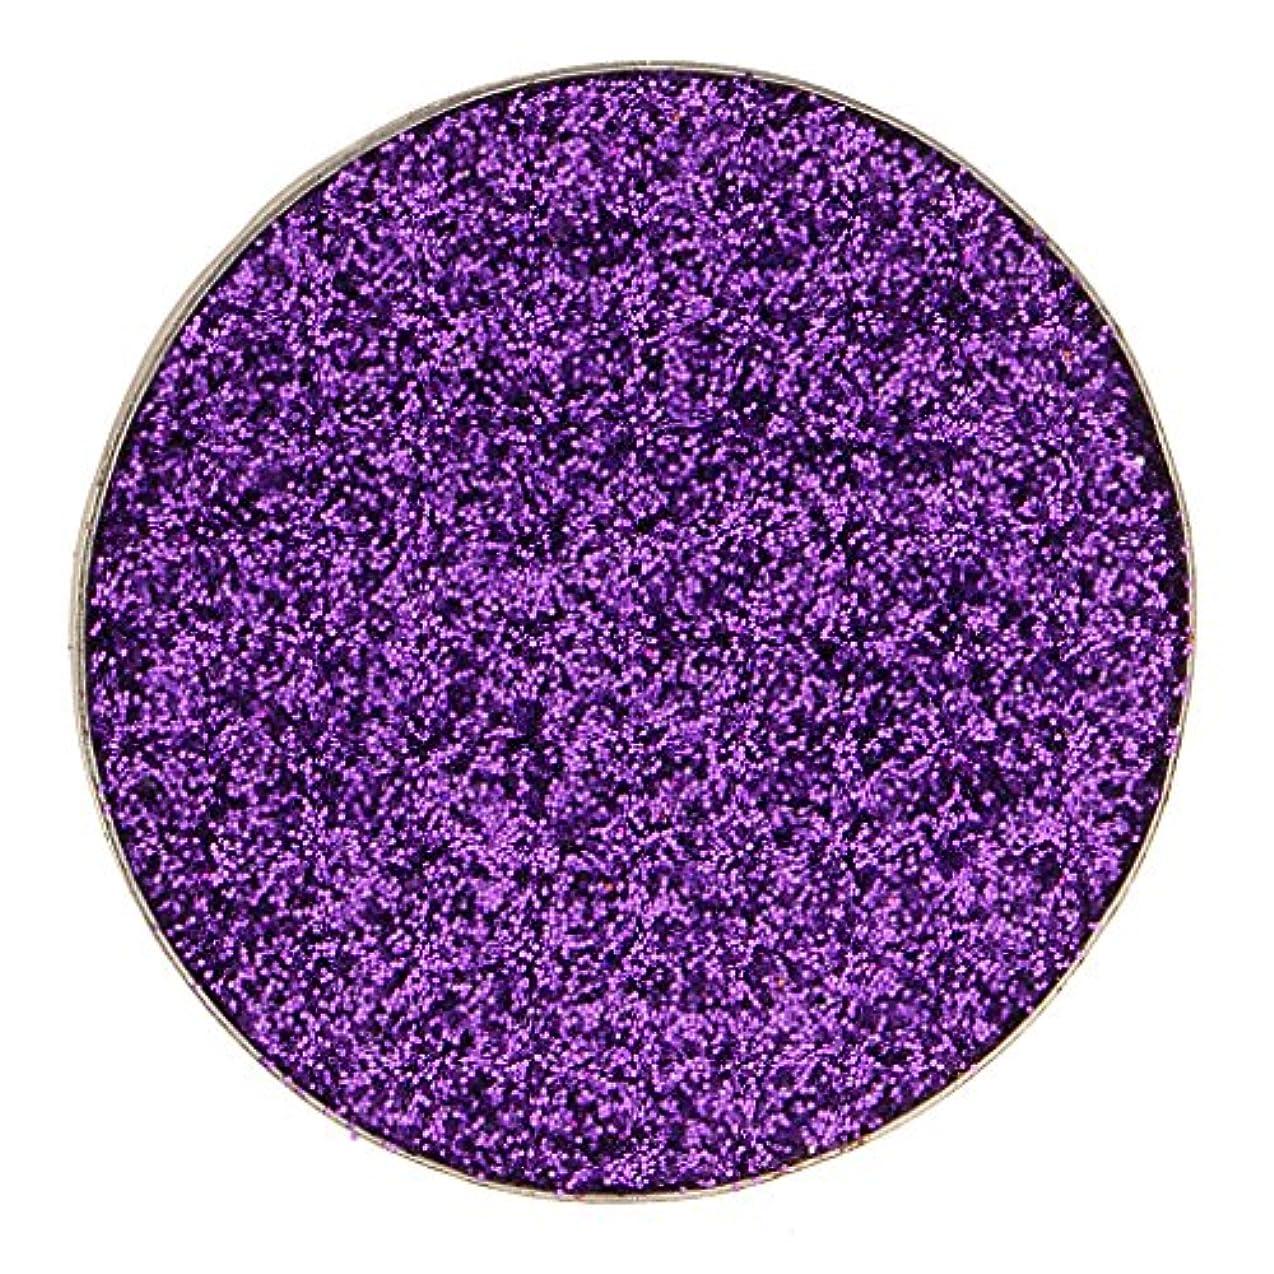 とても多くの有能なまさにKesoto ダイヤモンド キラキラ シマー メイクアップ アイシャドウ 顔料 長持ち 滑らか 全5色 - 紫